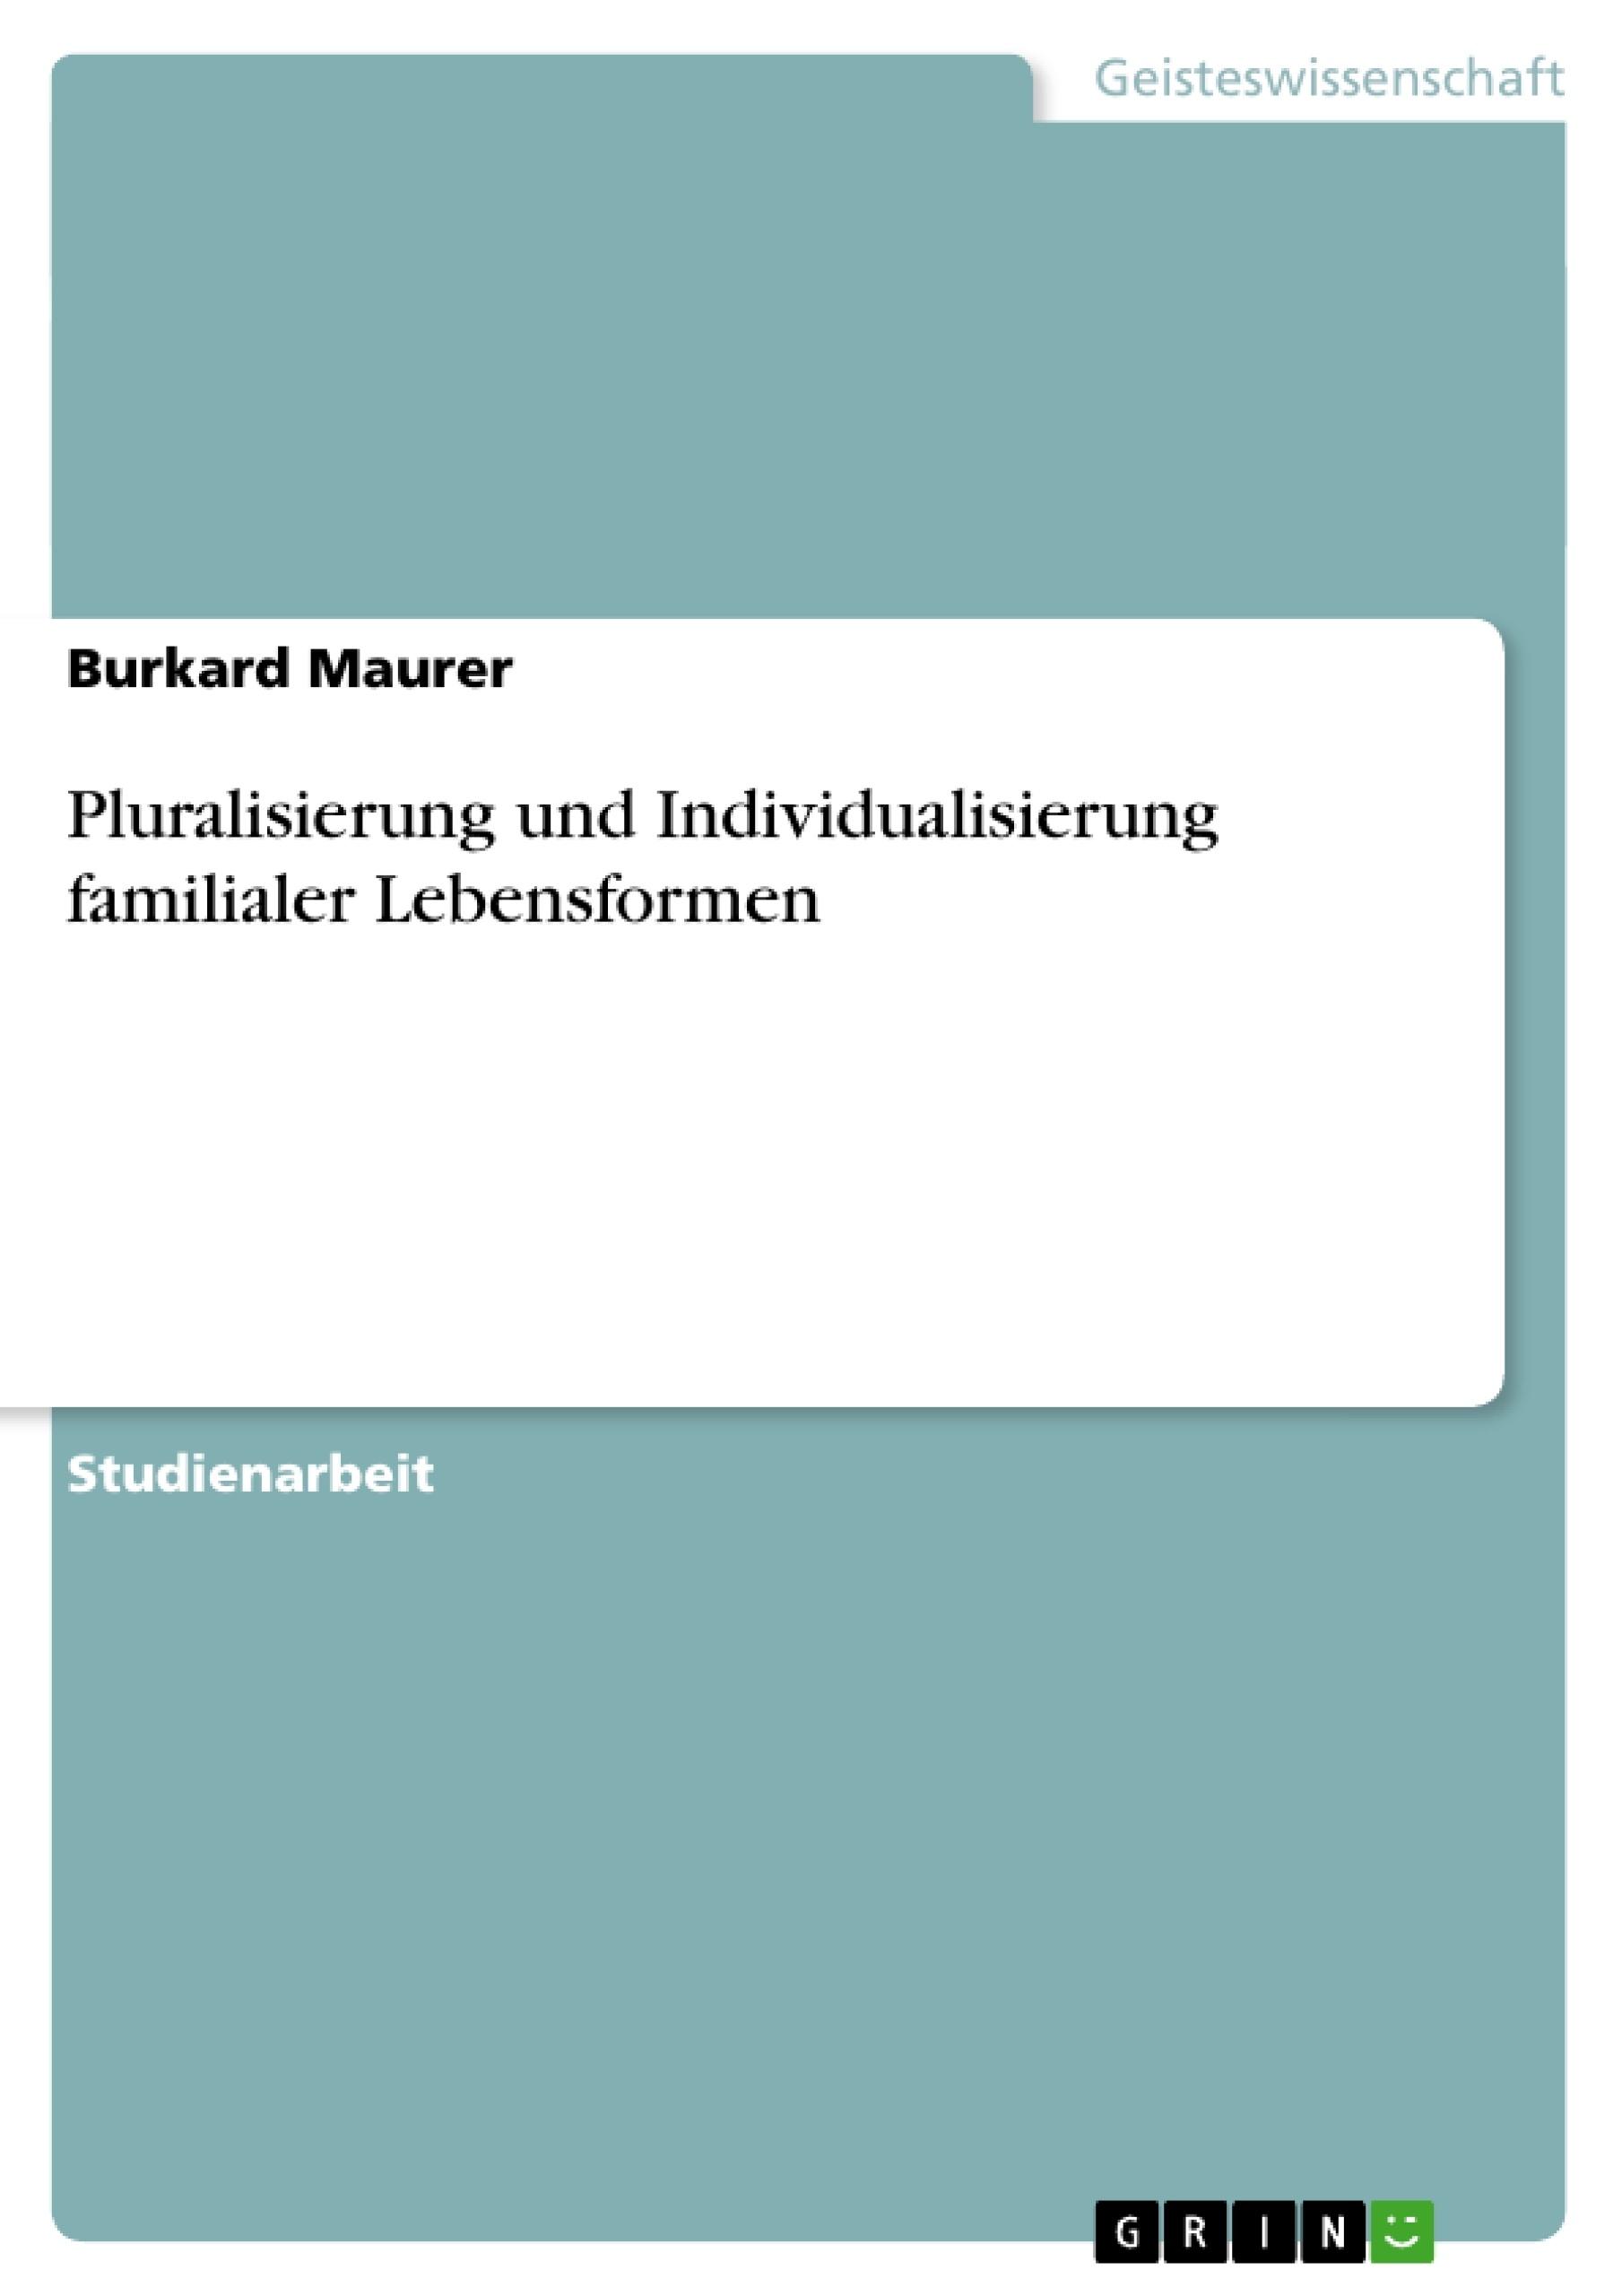 Titel: Pluralisierung und Individualisierung familialer Lebensformen